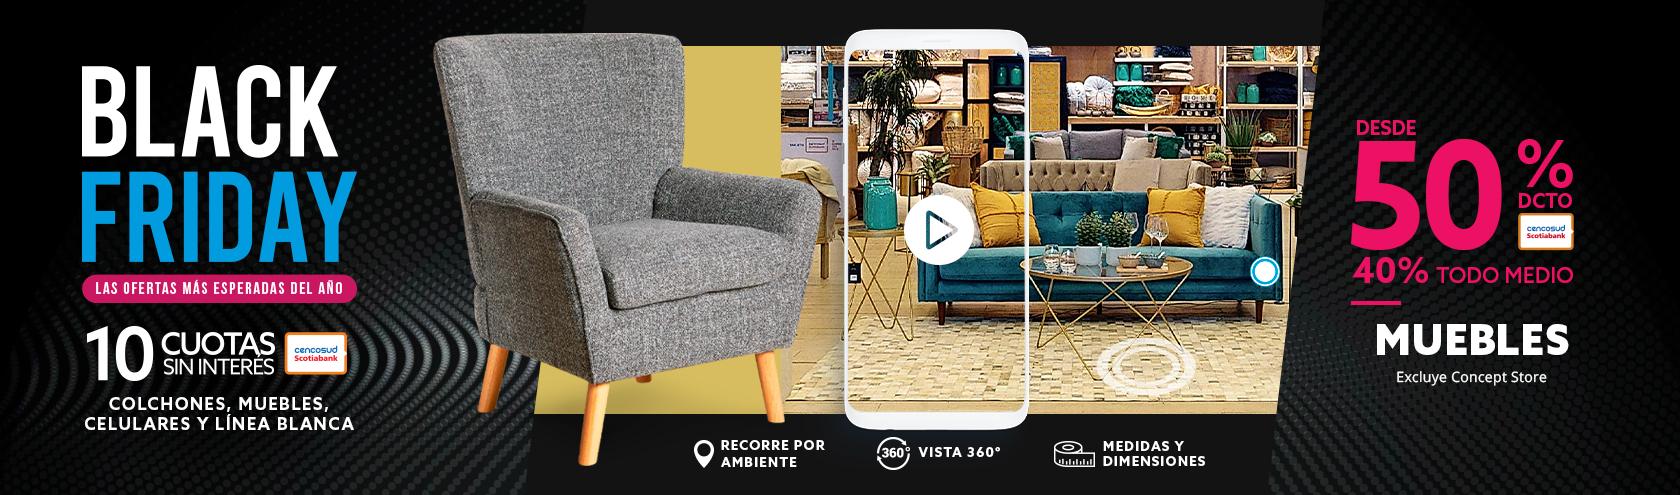 Desde 40 porciento de descuento en Muebles, excluye concept store.